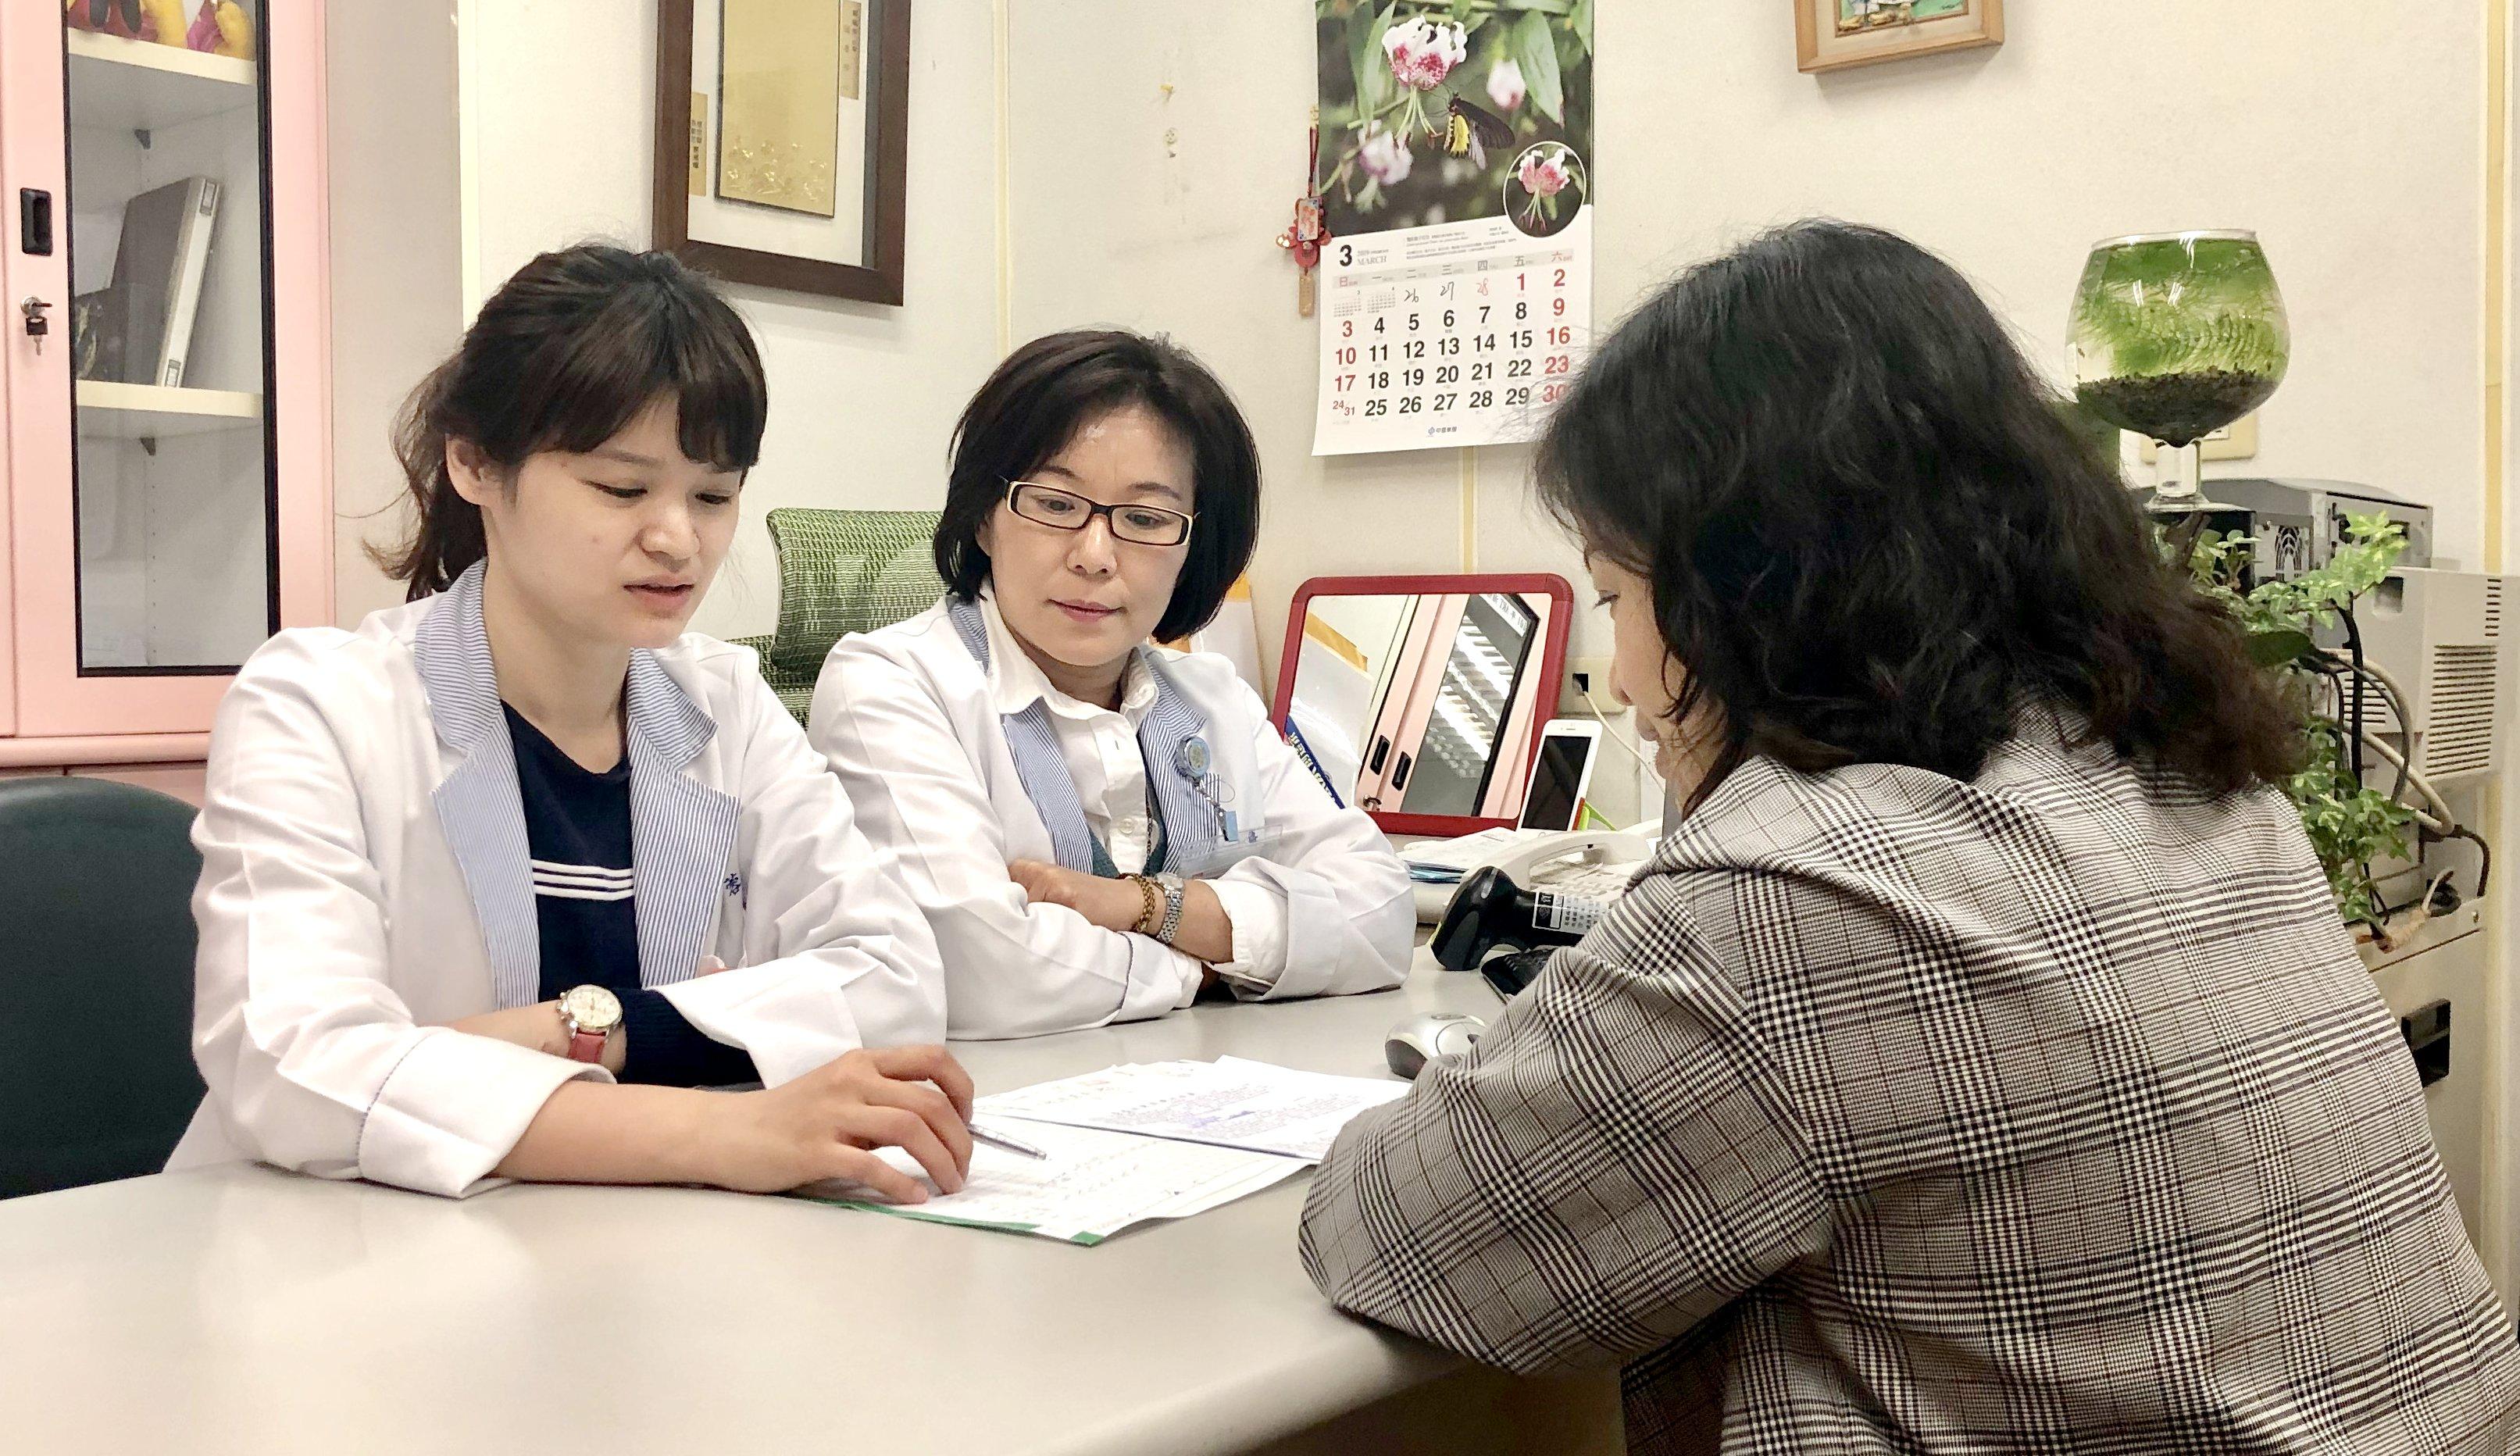 「醫學報導」試管嬰兒治療的壓力與焦慮